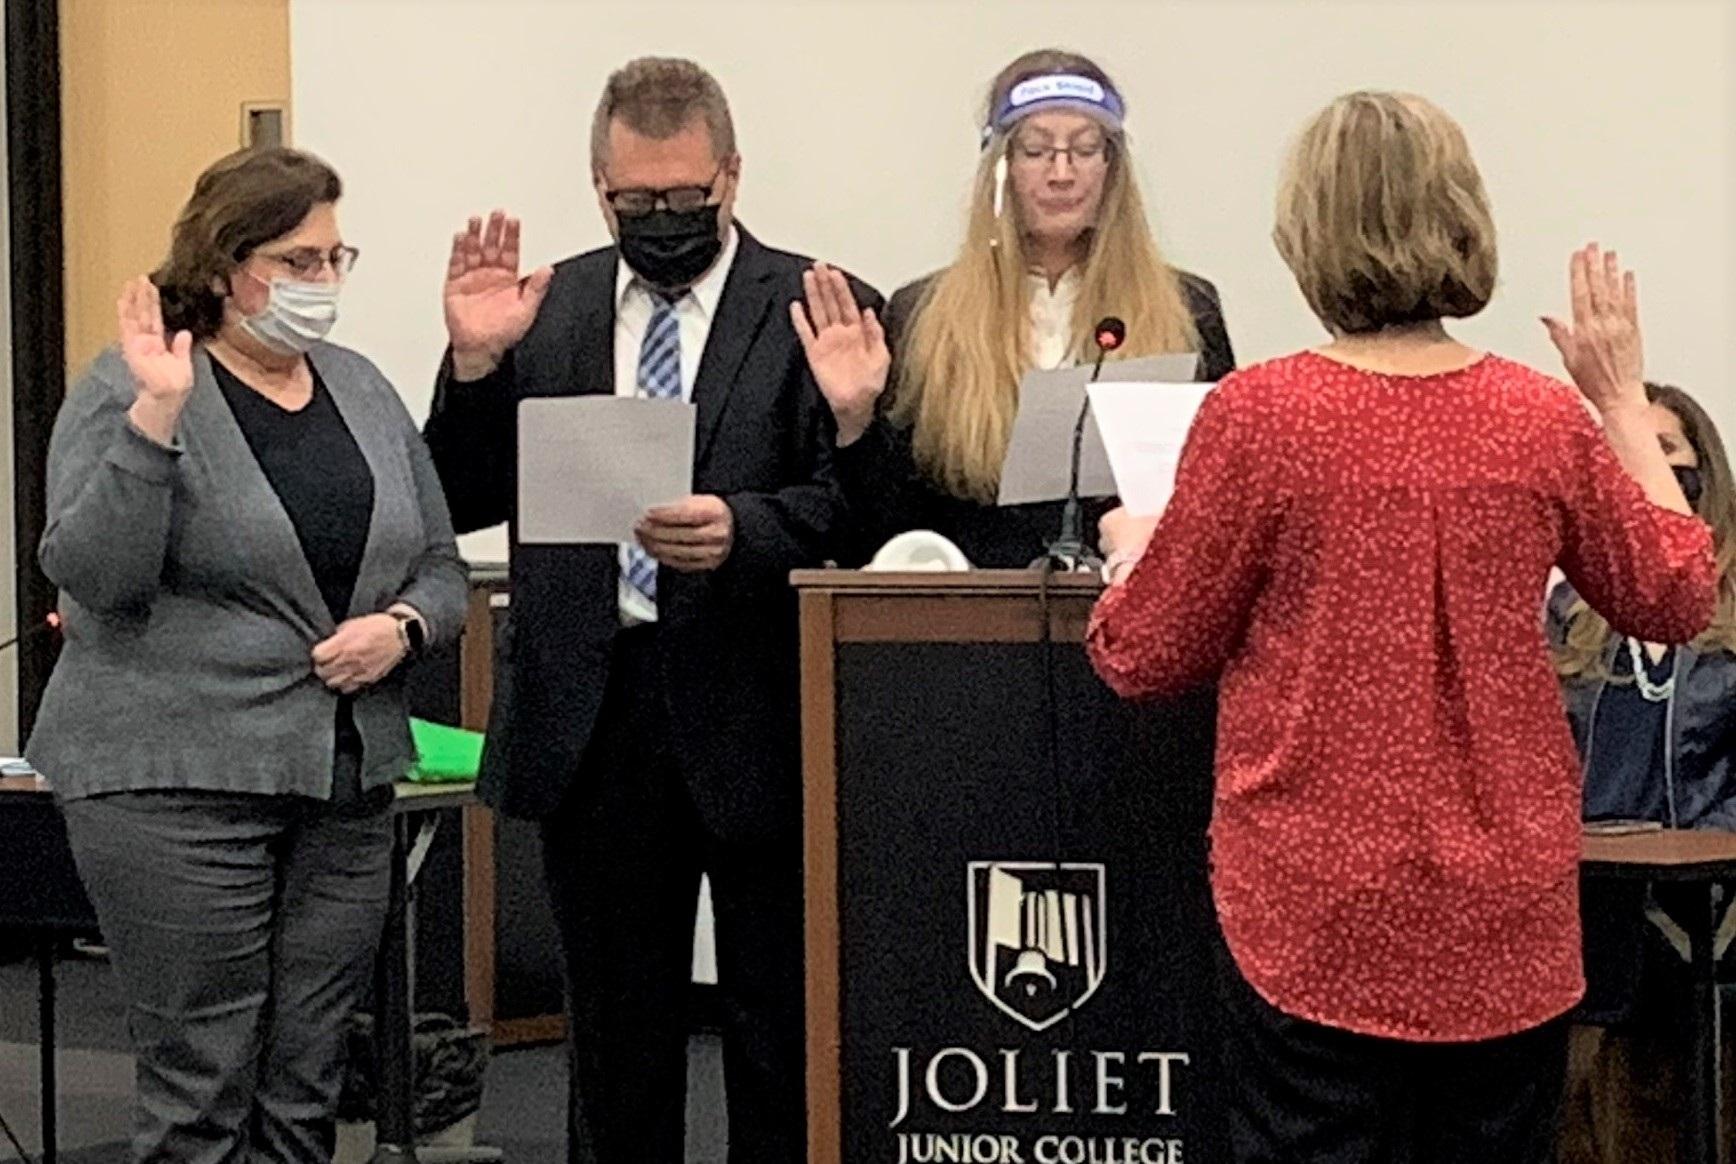 Trustees oath of office